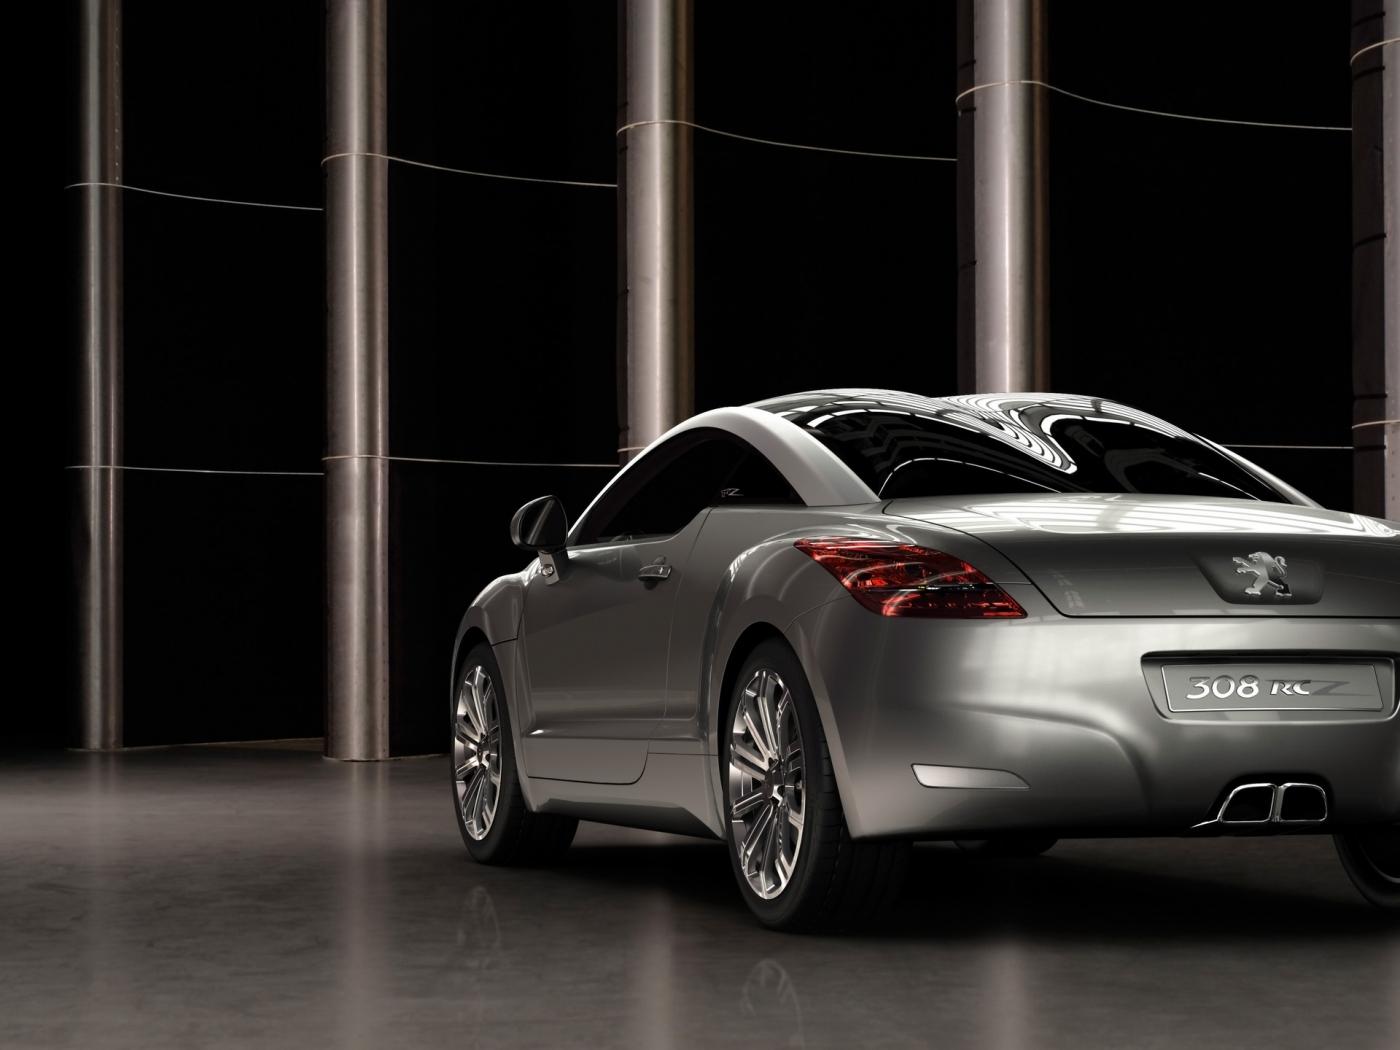 25885 скачать обои Транспорт, Машины, Пежо (Peugeot) - заставки и картинки бесплатно